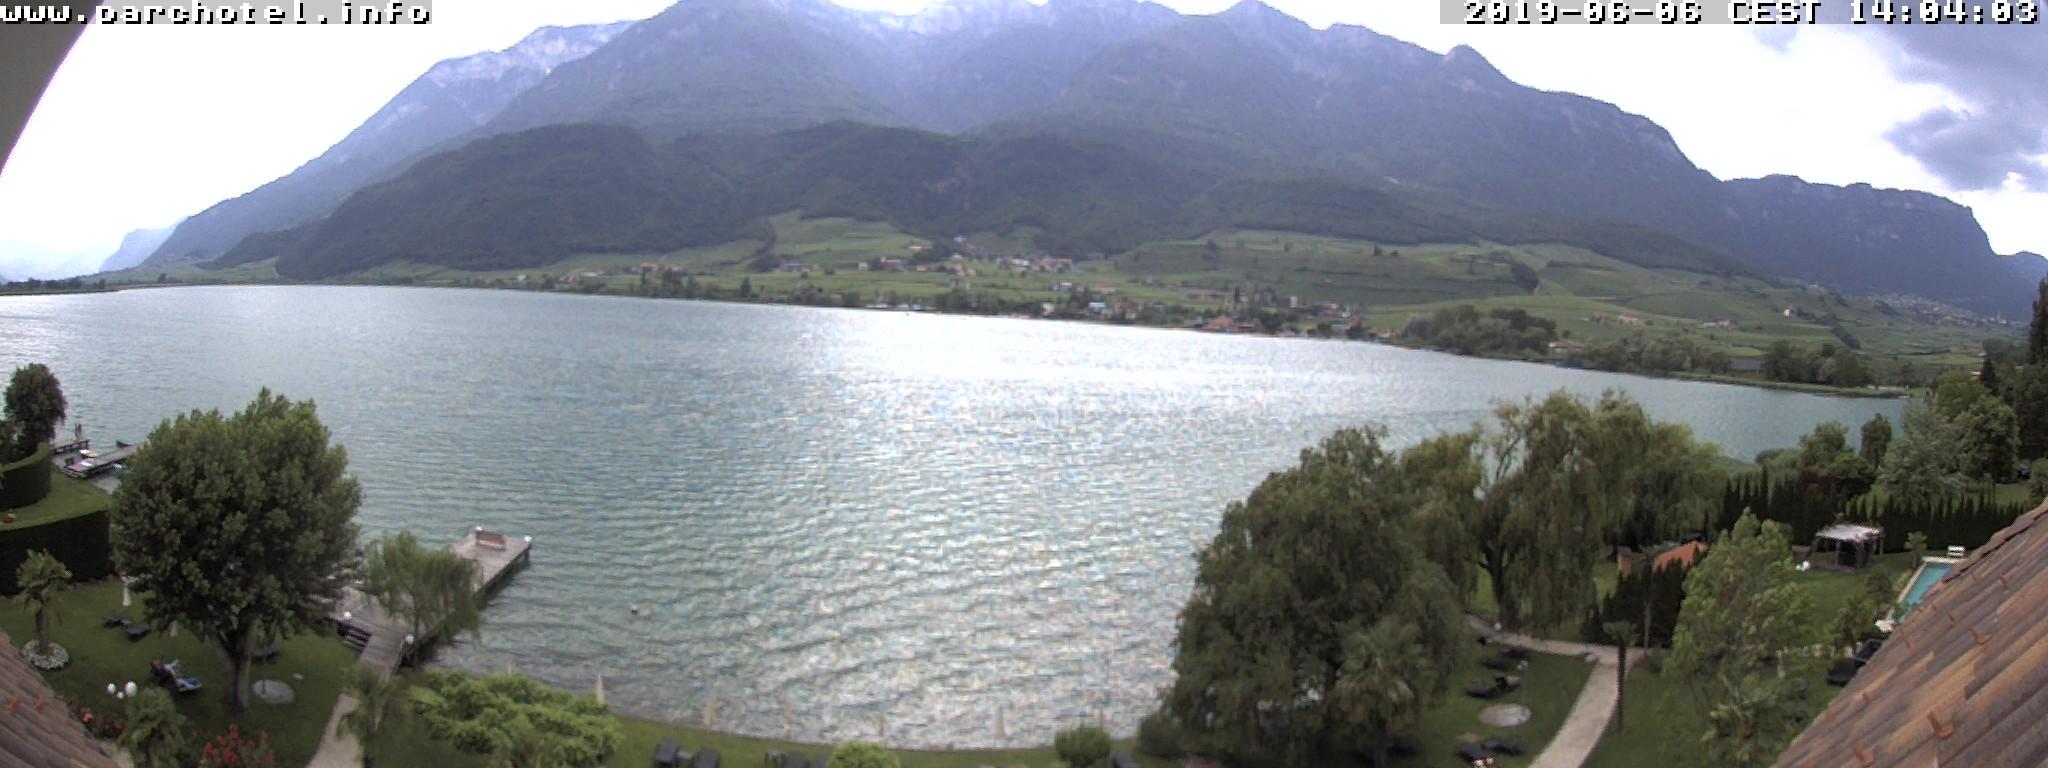 Webcam Kalterer See | Parc Hotel am See